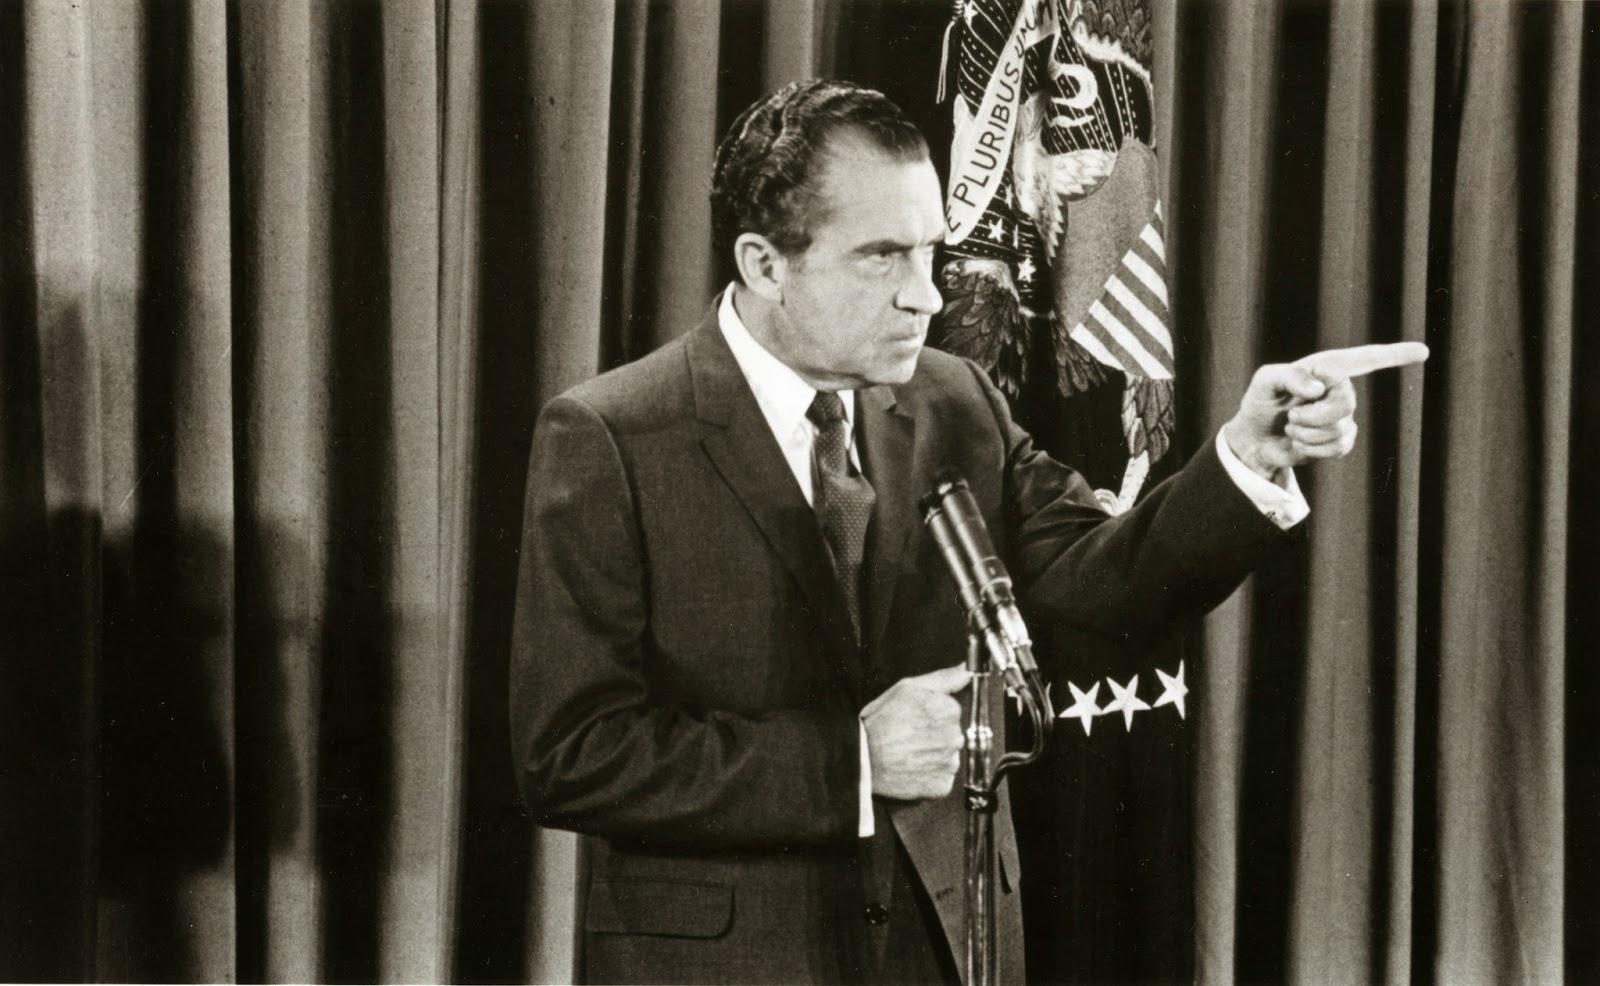 Francis A. Nixon